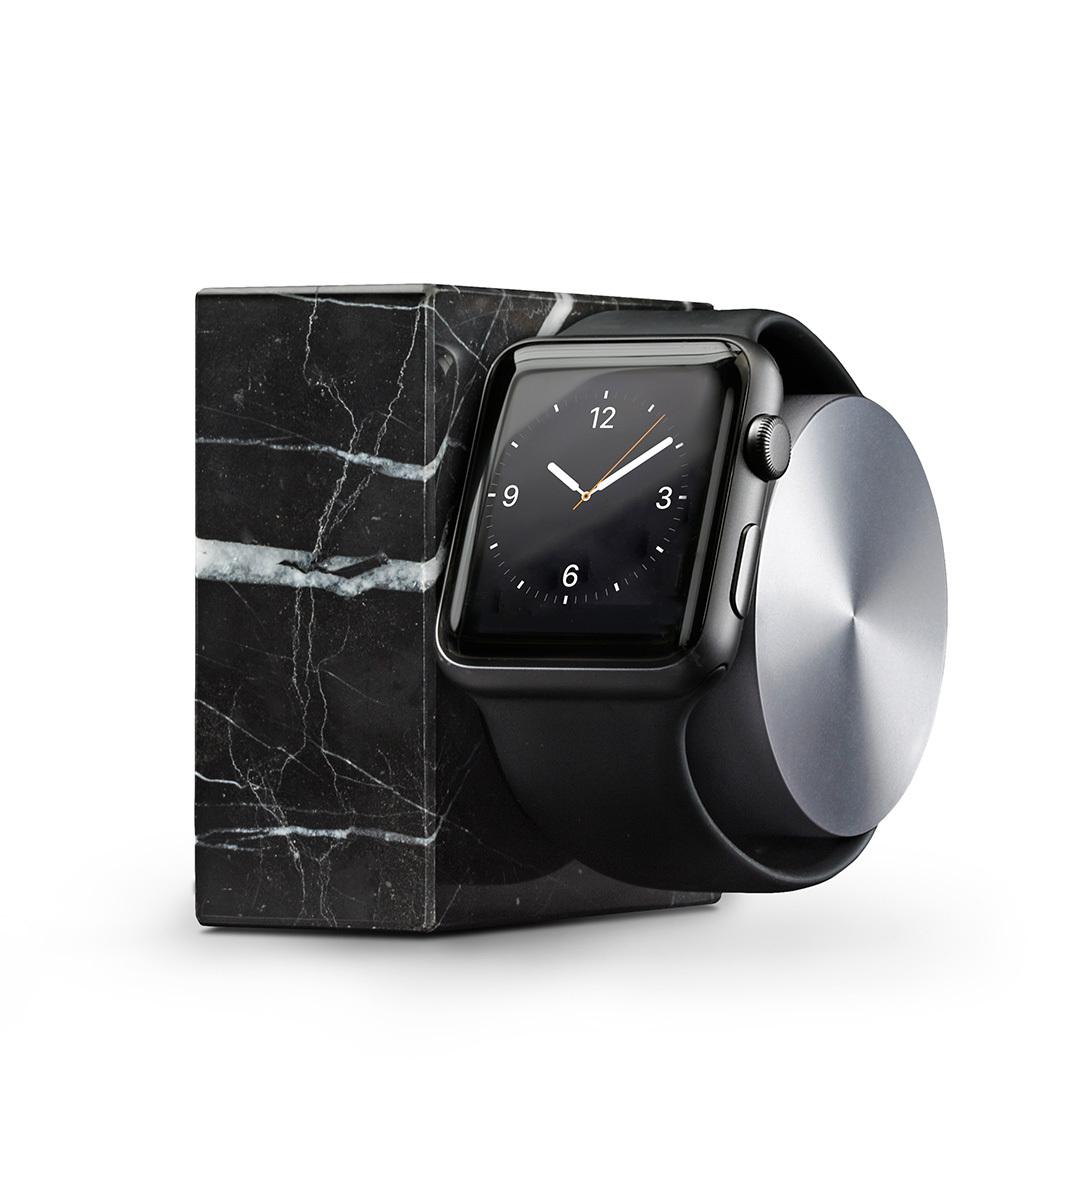 Nabíjecí stojánek pro Apple Watch 38mm / 42mm - Native Union, Dock Watch Marble Black